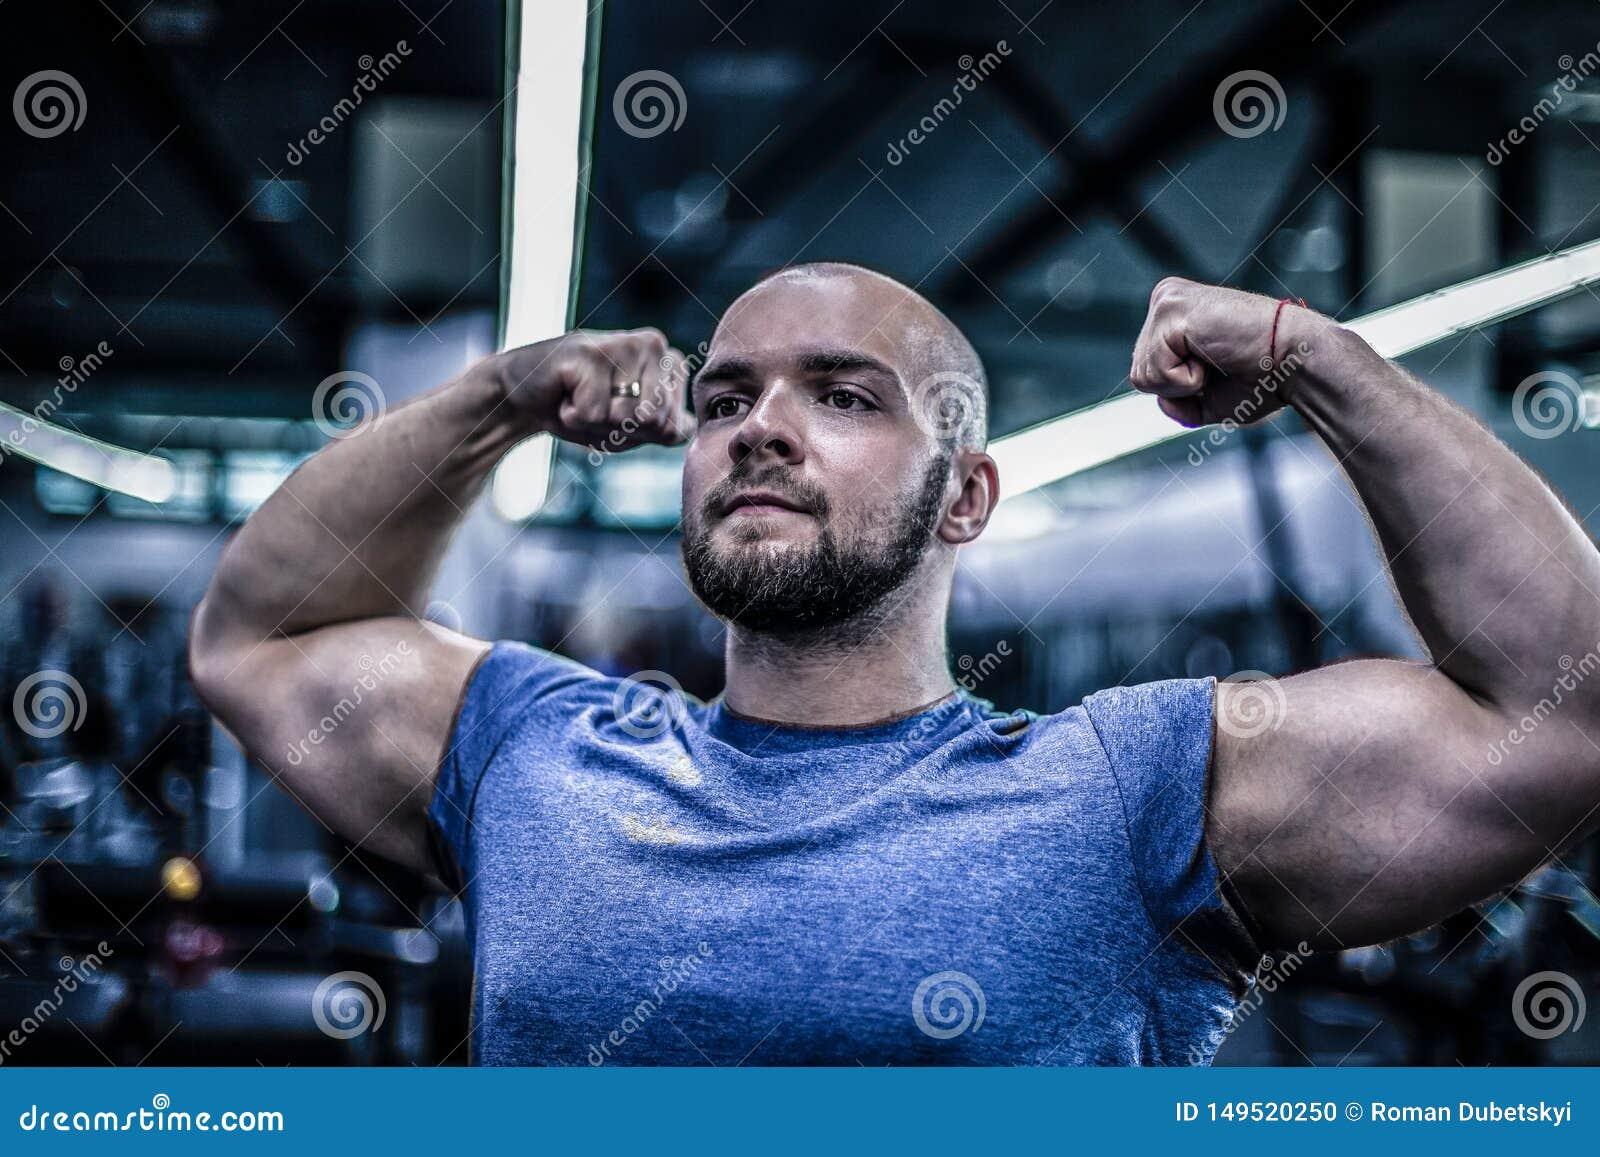 Portrait d un bodybuilder s?rieux avec une t?te chauve expositions votre biceps la s?ance d entra?nement ?tait r?ussie